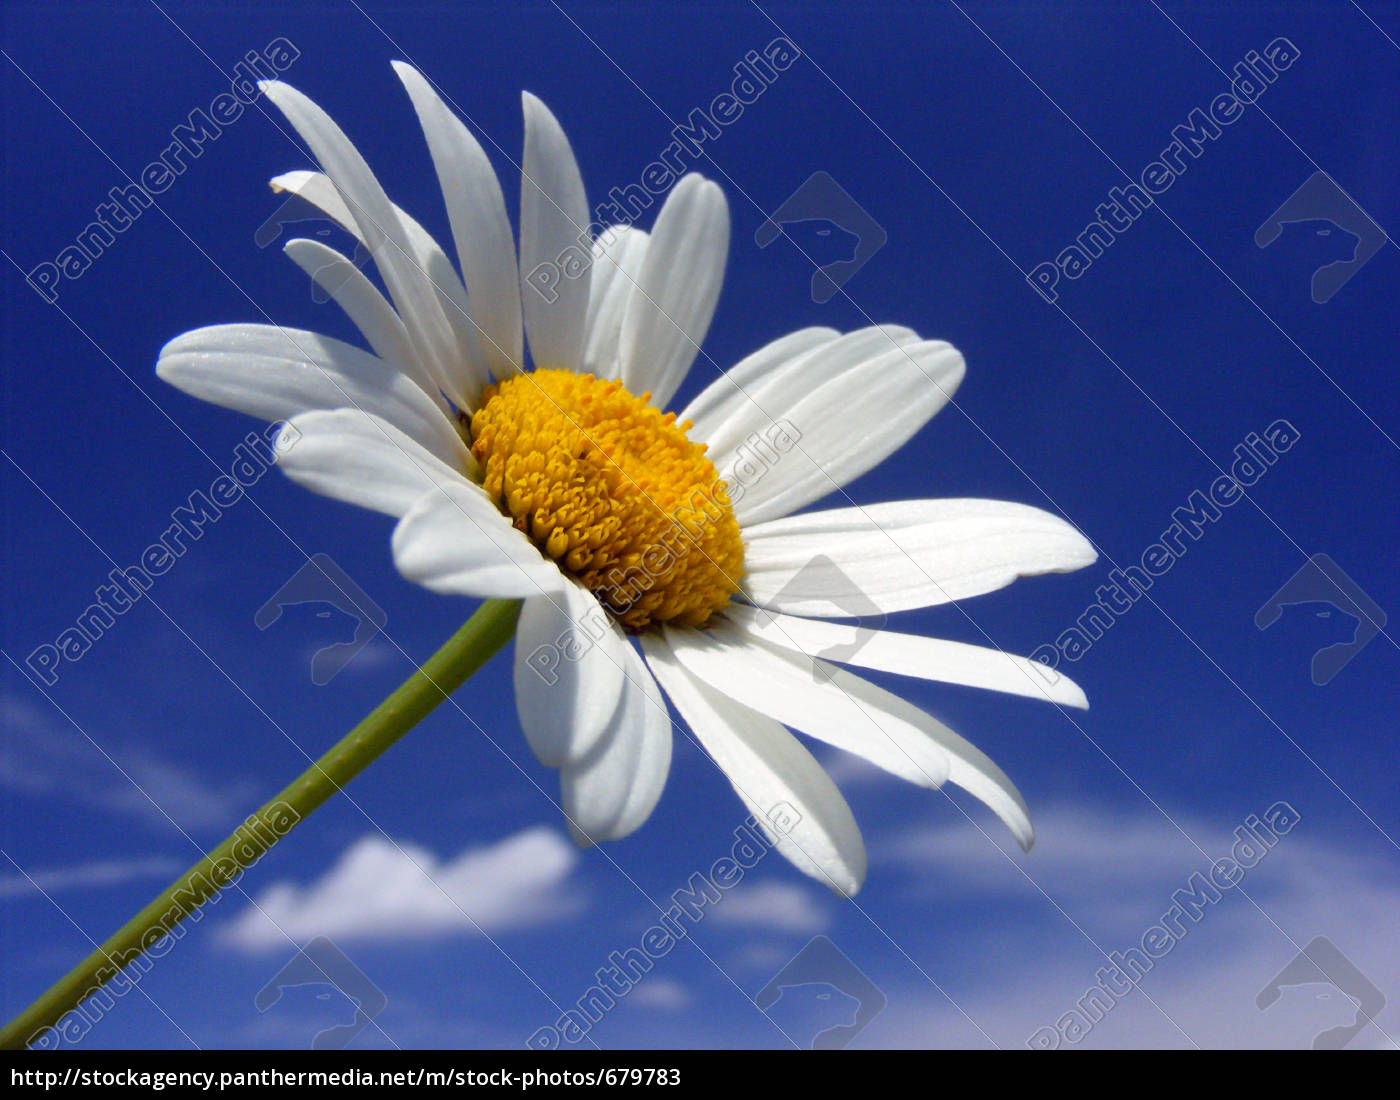 daisy - 679783